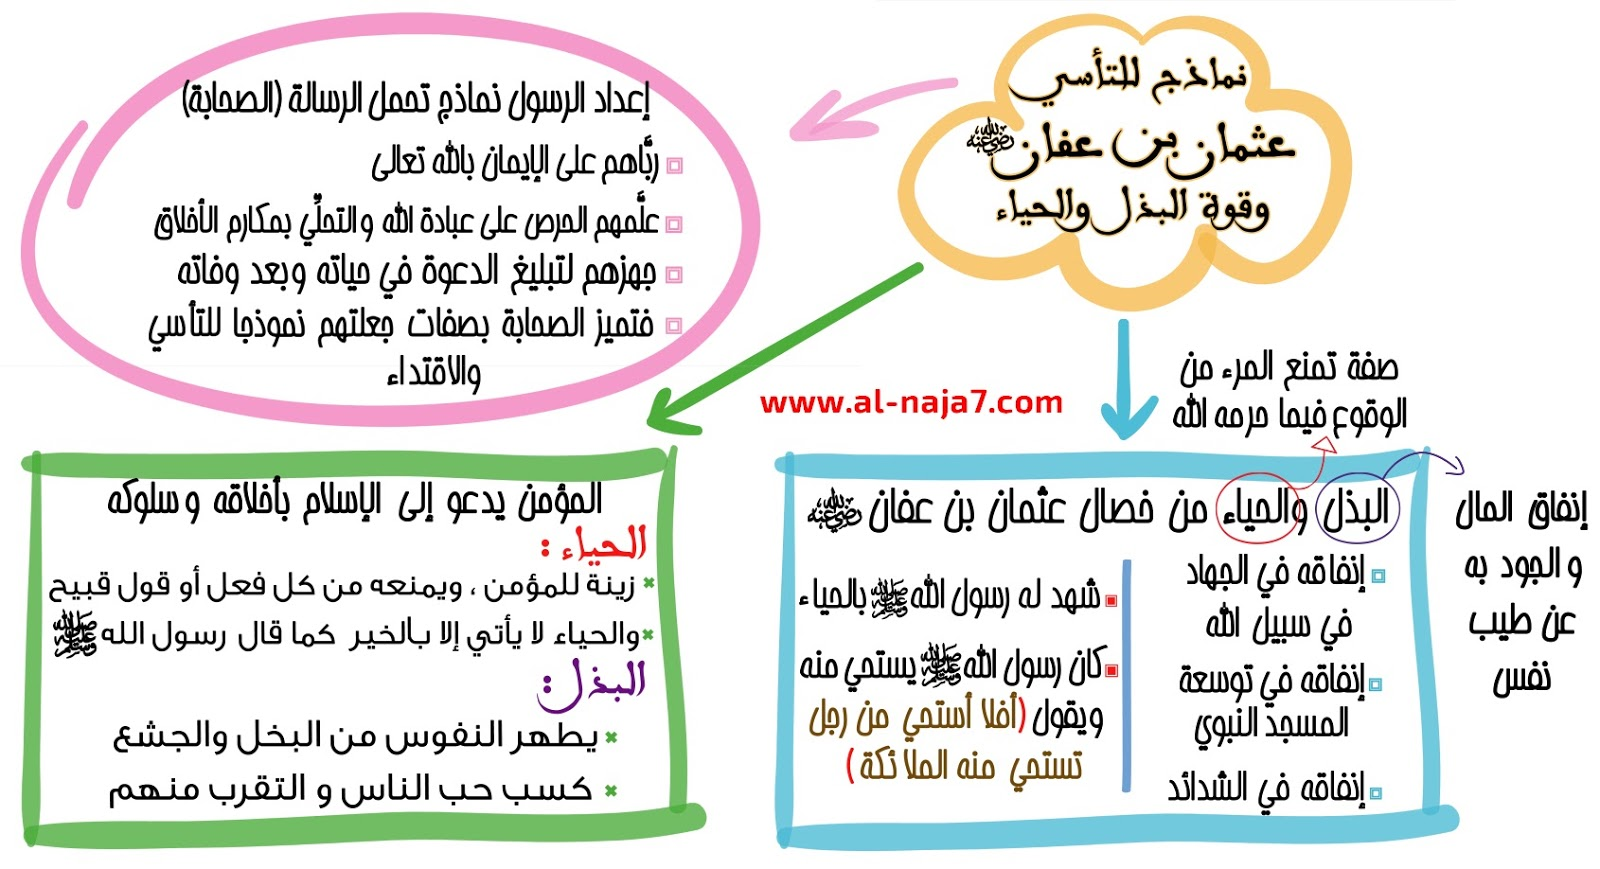 دروس التربية الإسلامية للامتحان الجهوي 12 عثمان بن عفان وقوة البذل والحياء